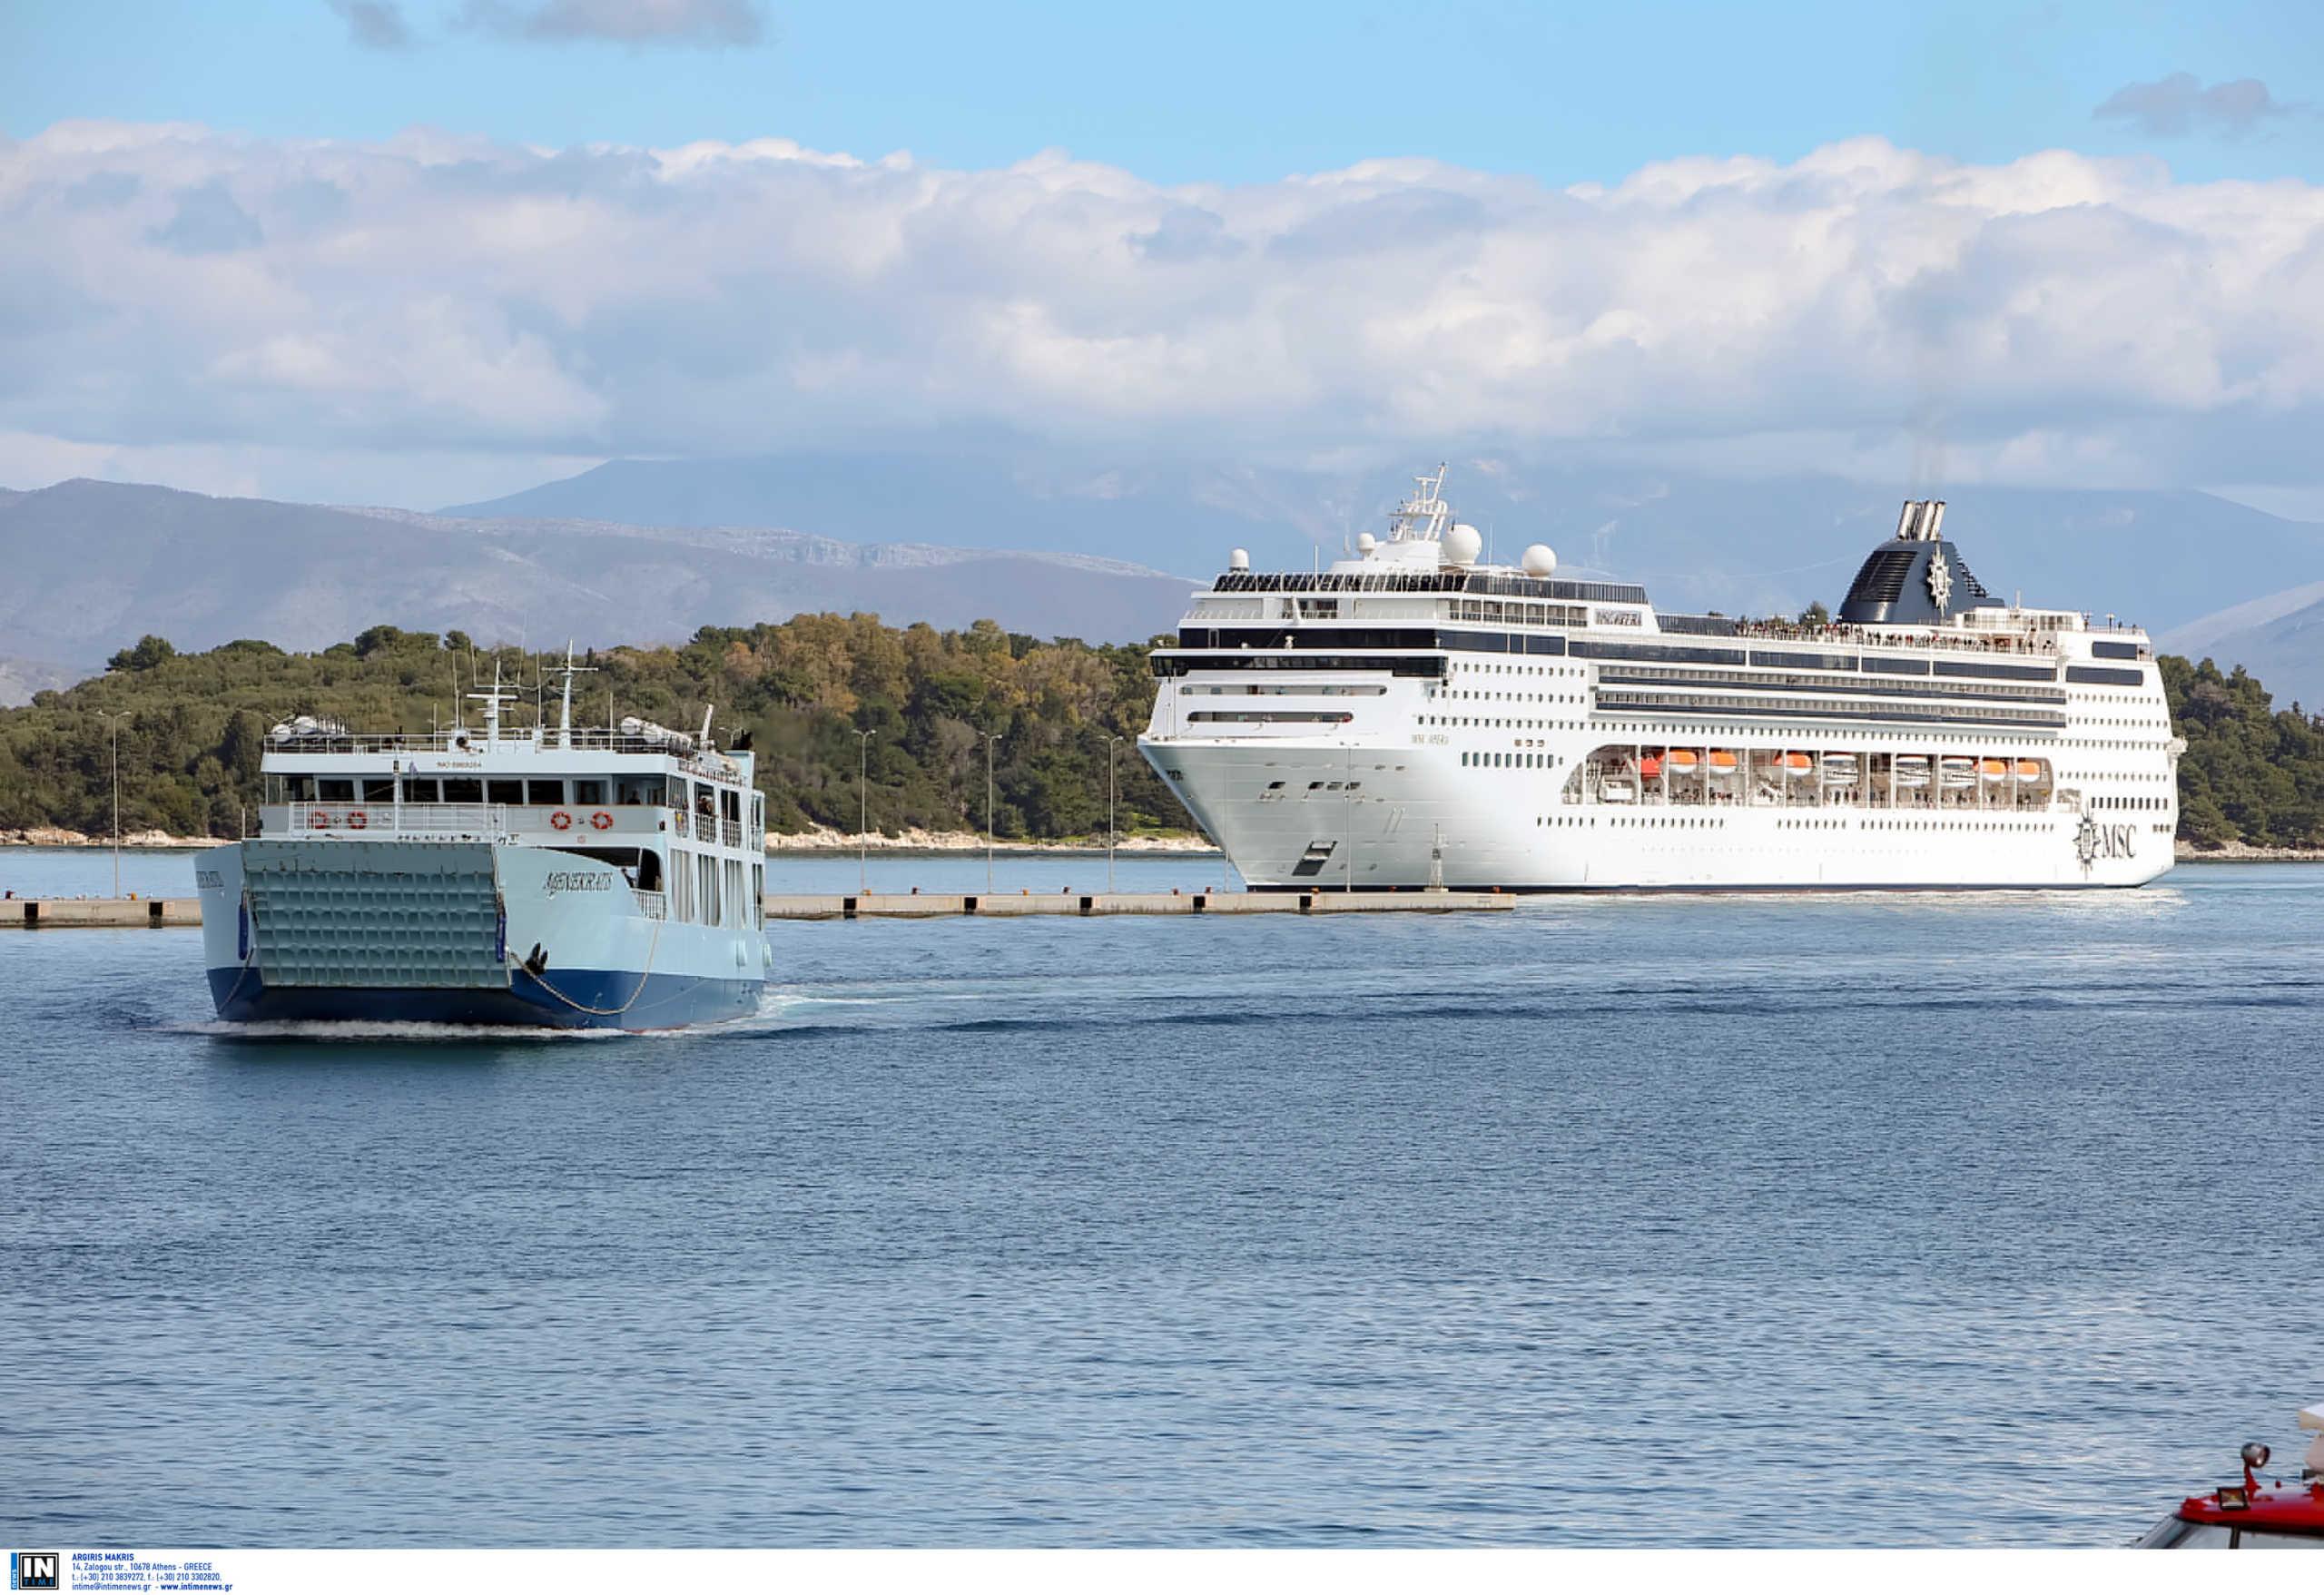 Κέρκυρα: Υποχρέωσαν μάνα και παιδί ΑμεΑ να κατέβουν από το πλοίο